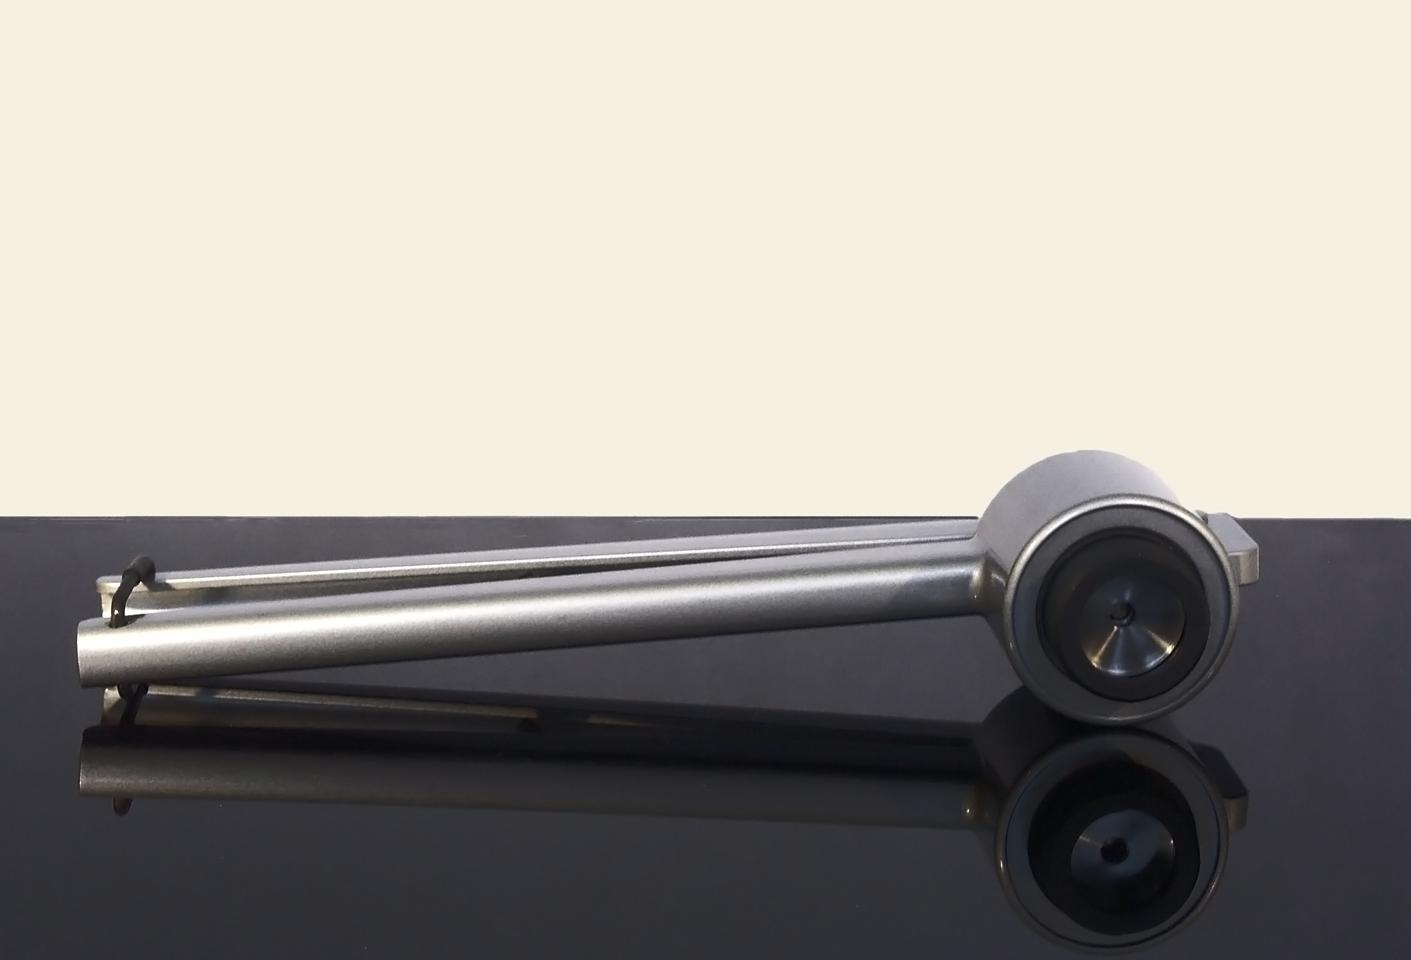 Kleště pro otevírání lékovek průměr 11,5 mm KO 11